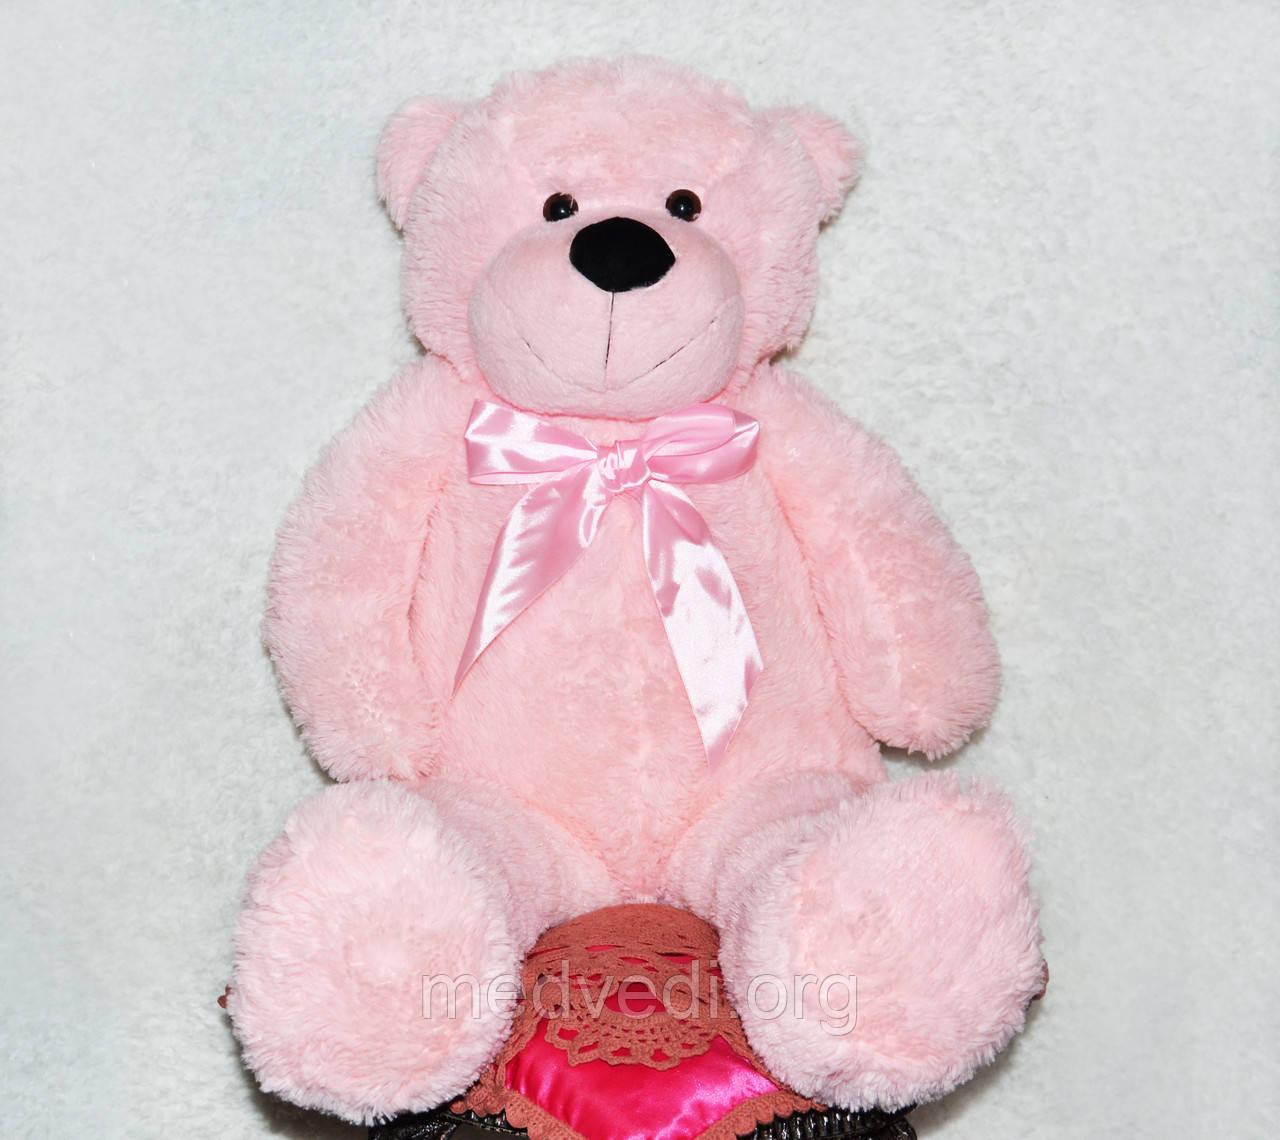 Розовый плюшевый мишка, игрушка мягкий медведь 100 см